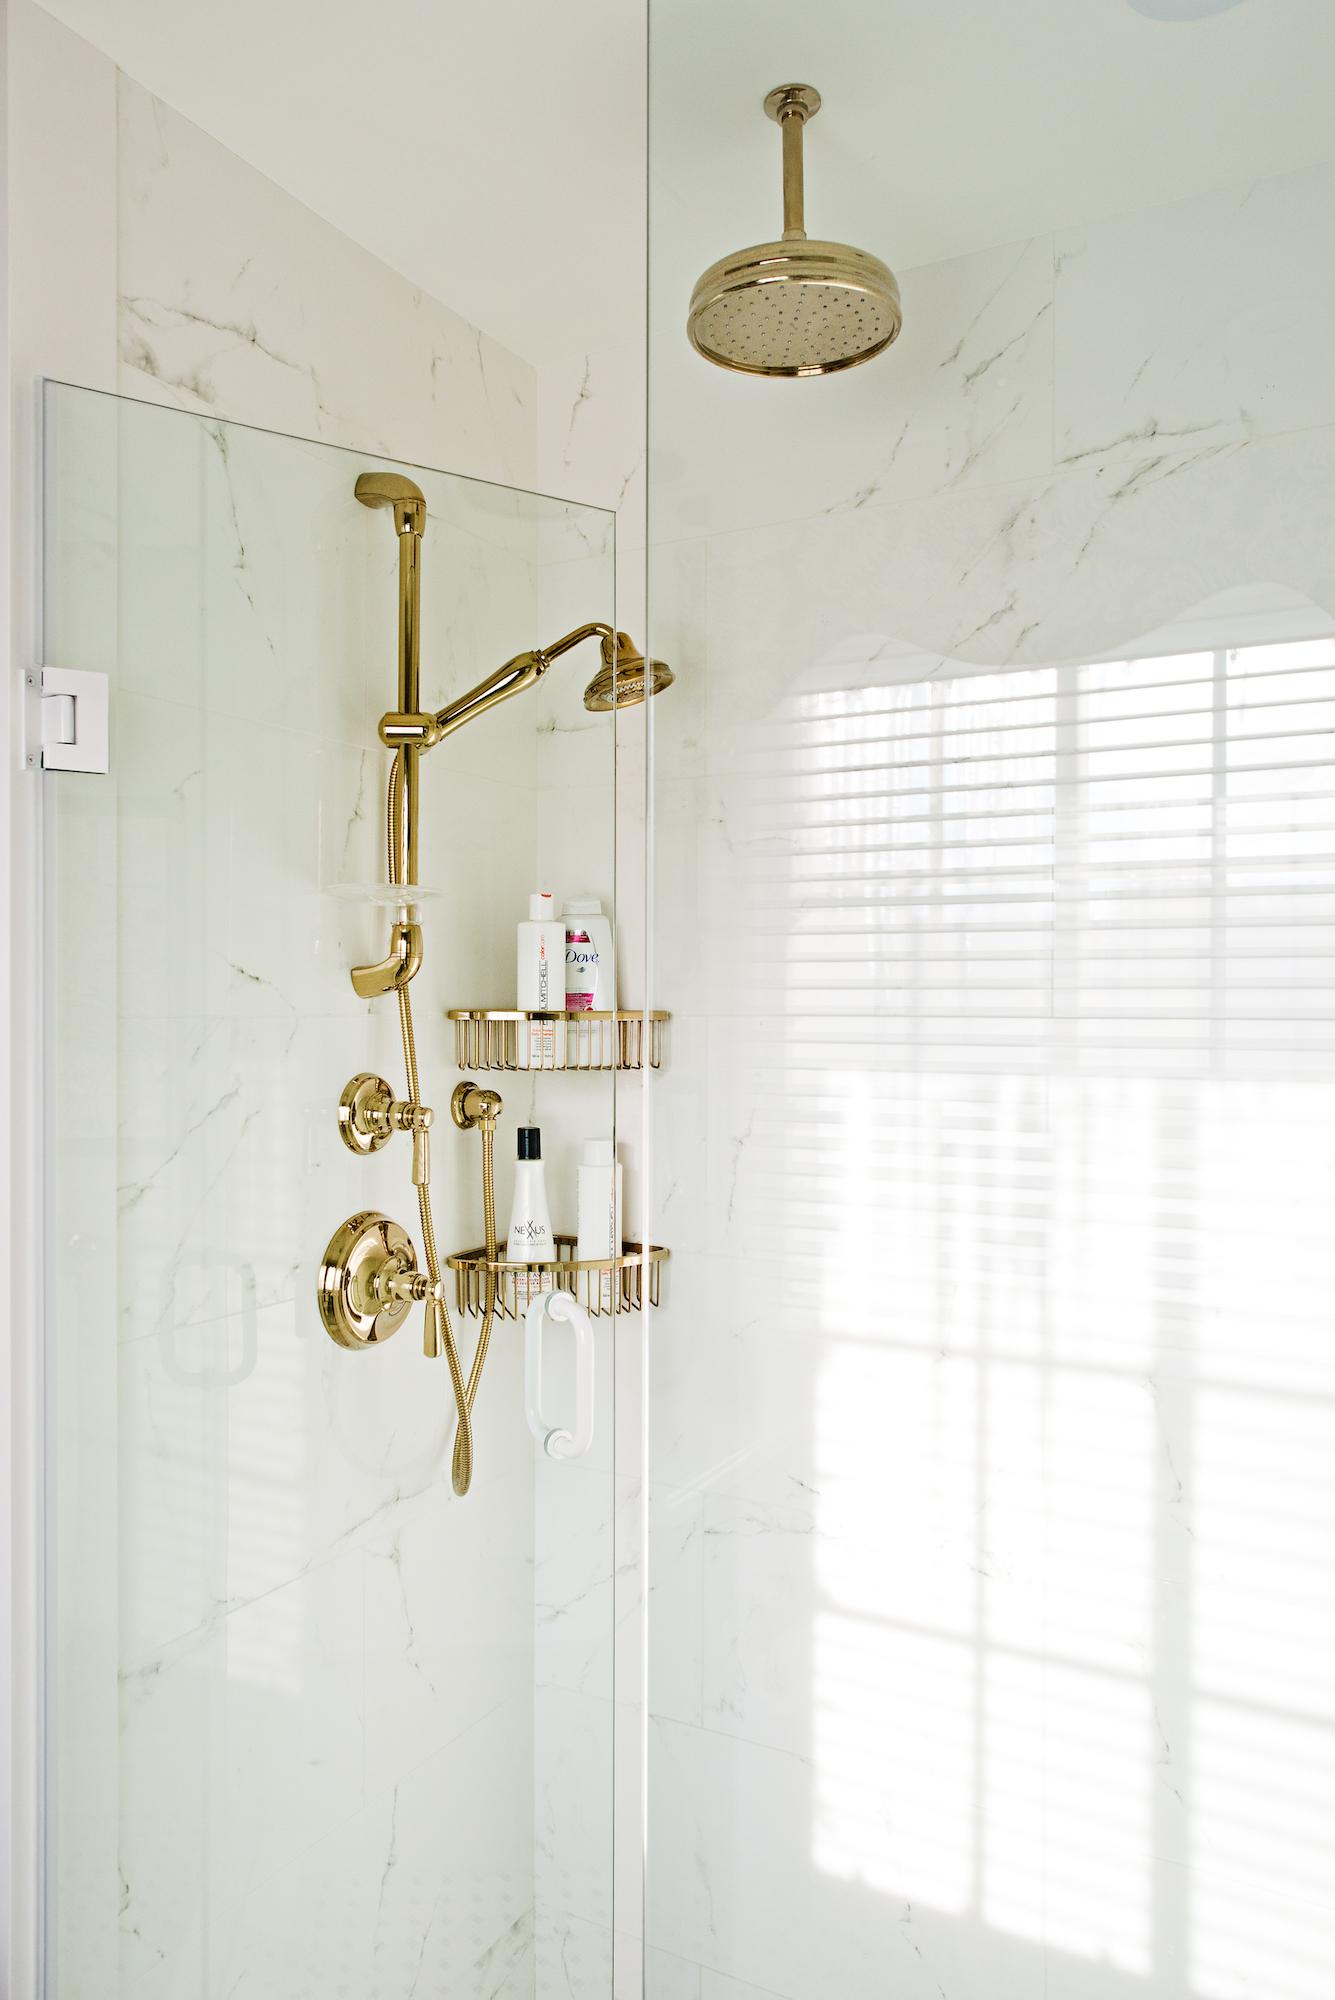 13 Pizzale Design Interior Decorating  bathroom elegant clean simple beige white.jpg